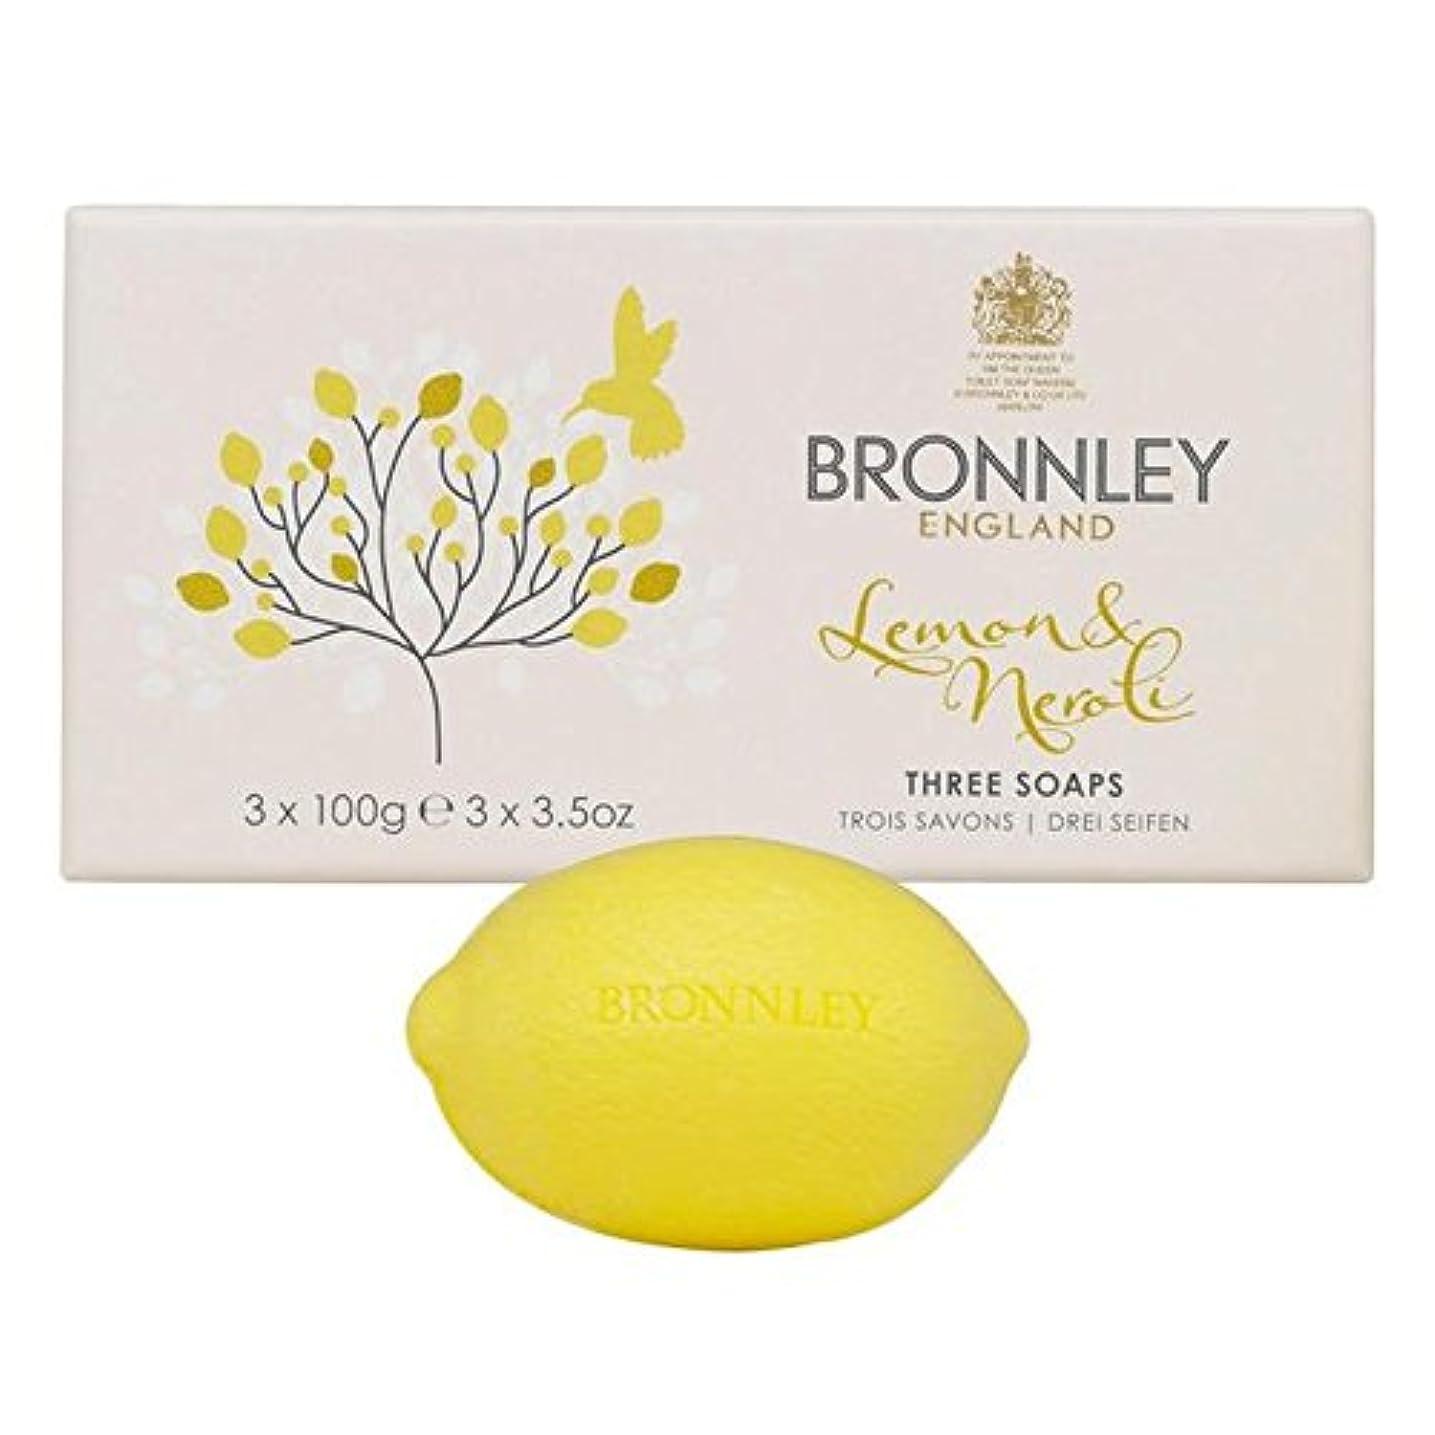 登山家ヘリコプター行為Bronnley Lemon & Neroli Soaps 3 x 100g (Pack of 6) - レモン&ネロリ石鹸3×100グラム x6 [並行輸入品]